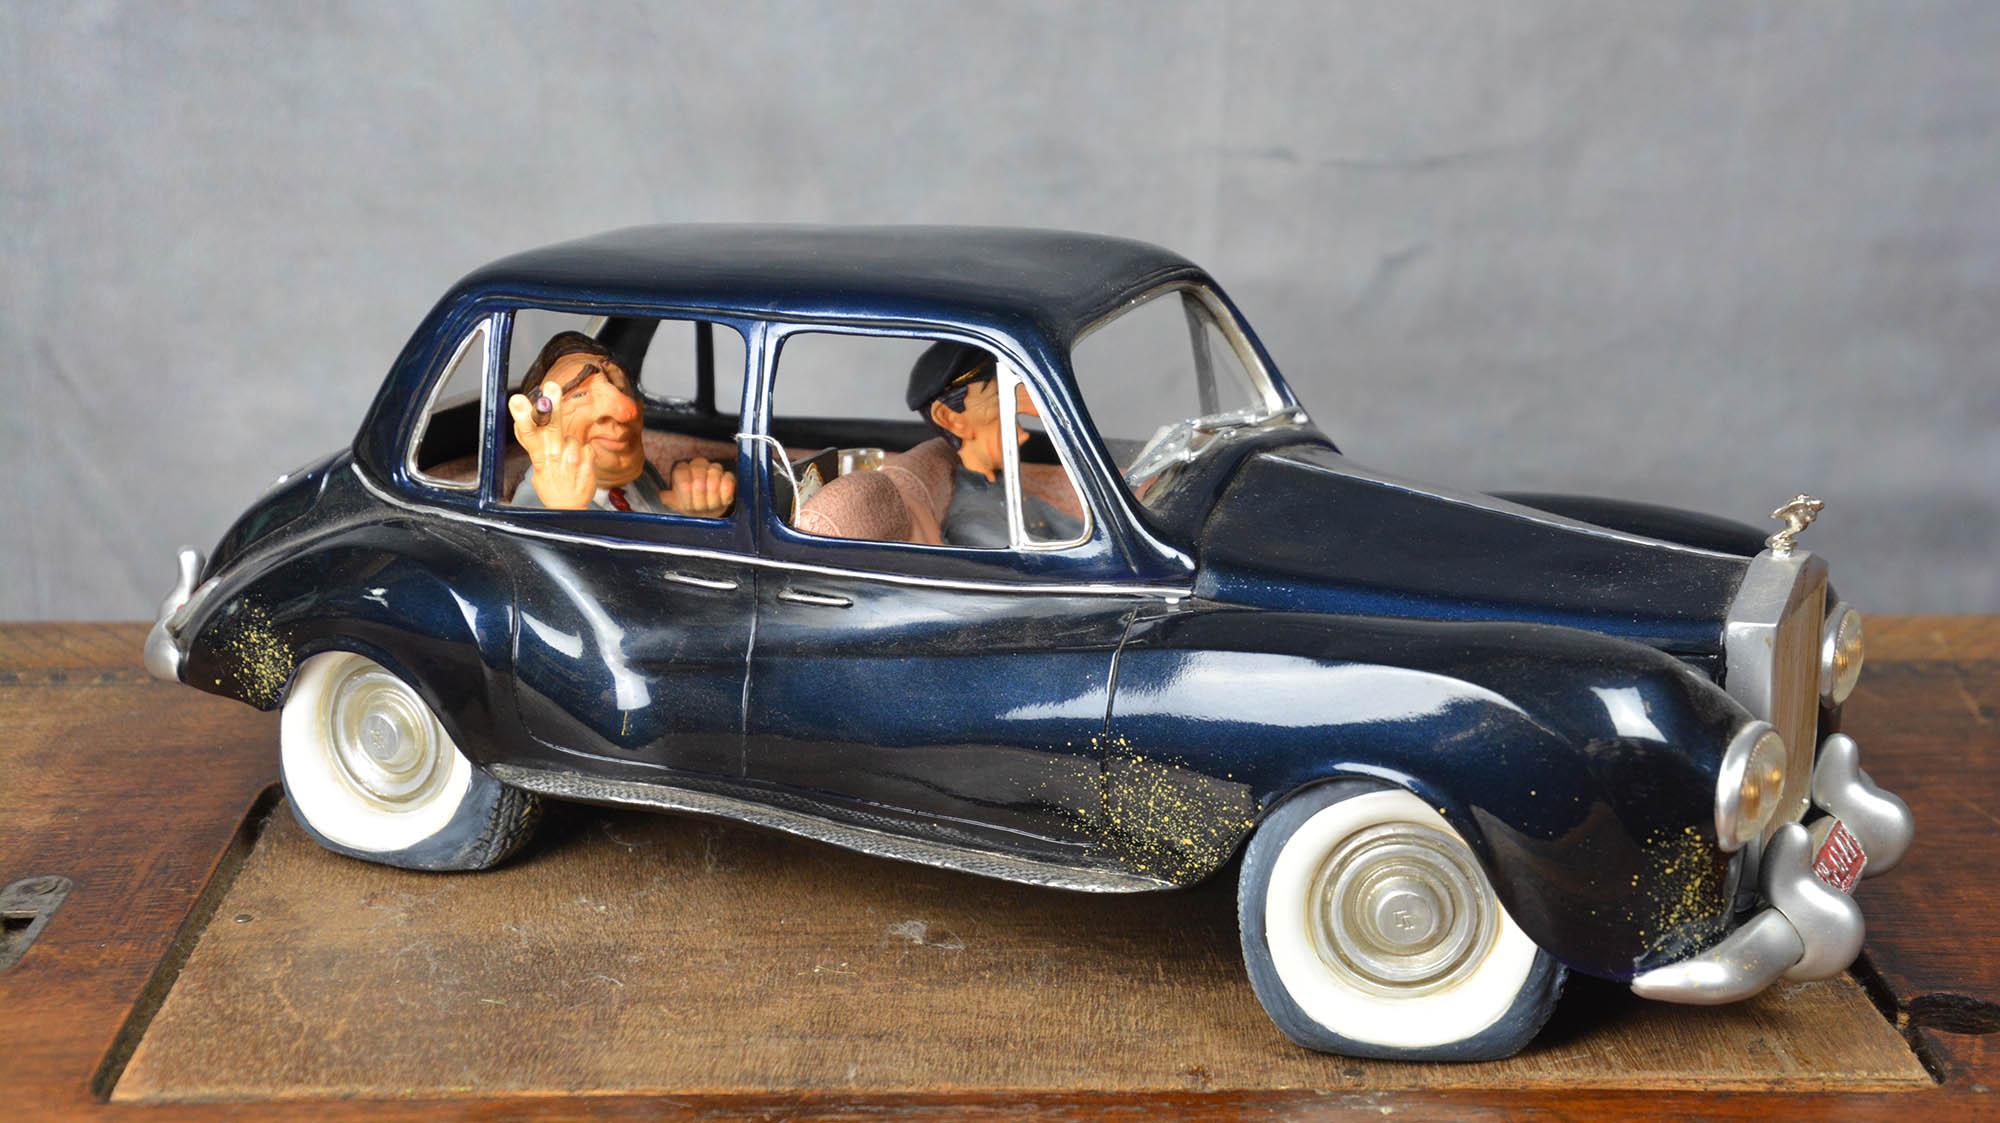 boutique figurine piece artisanale vehicule rolls parodie